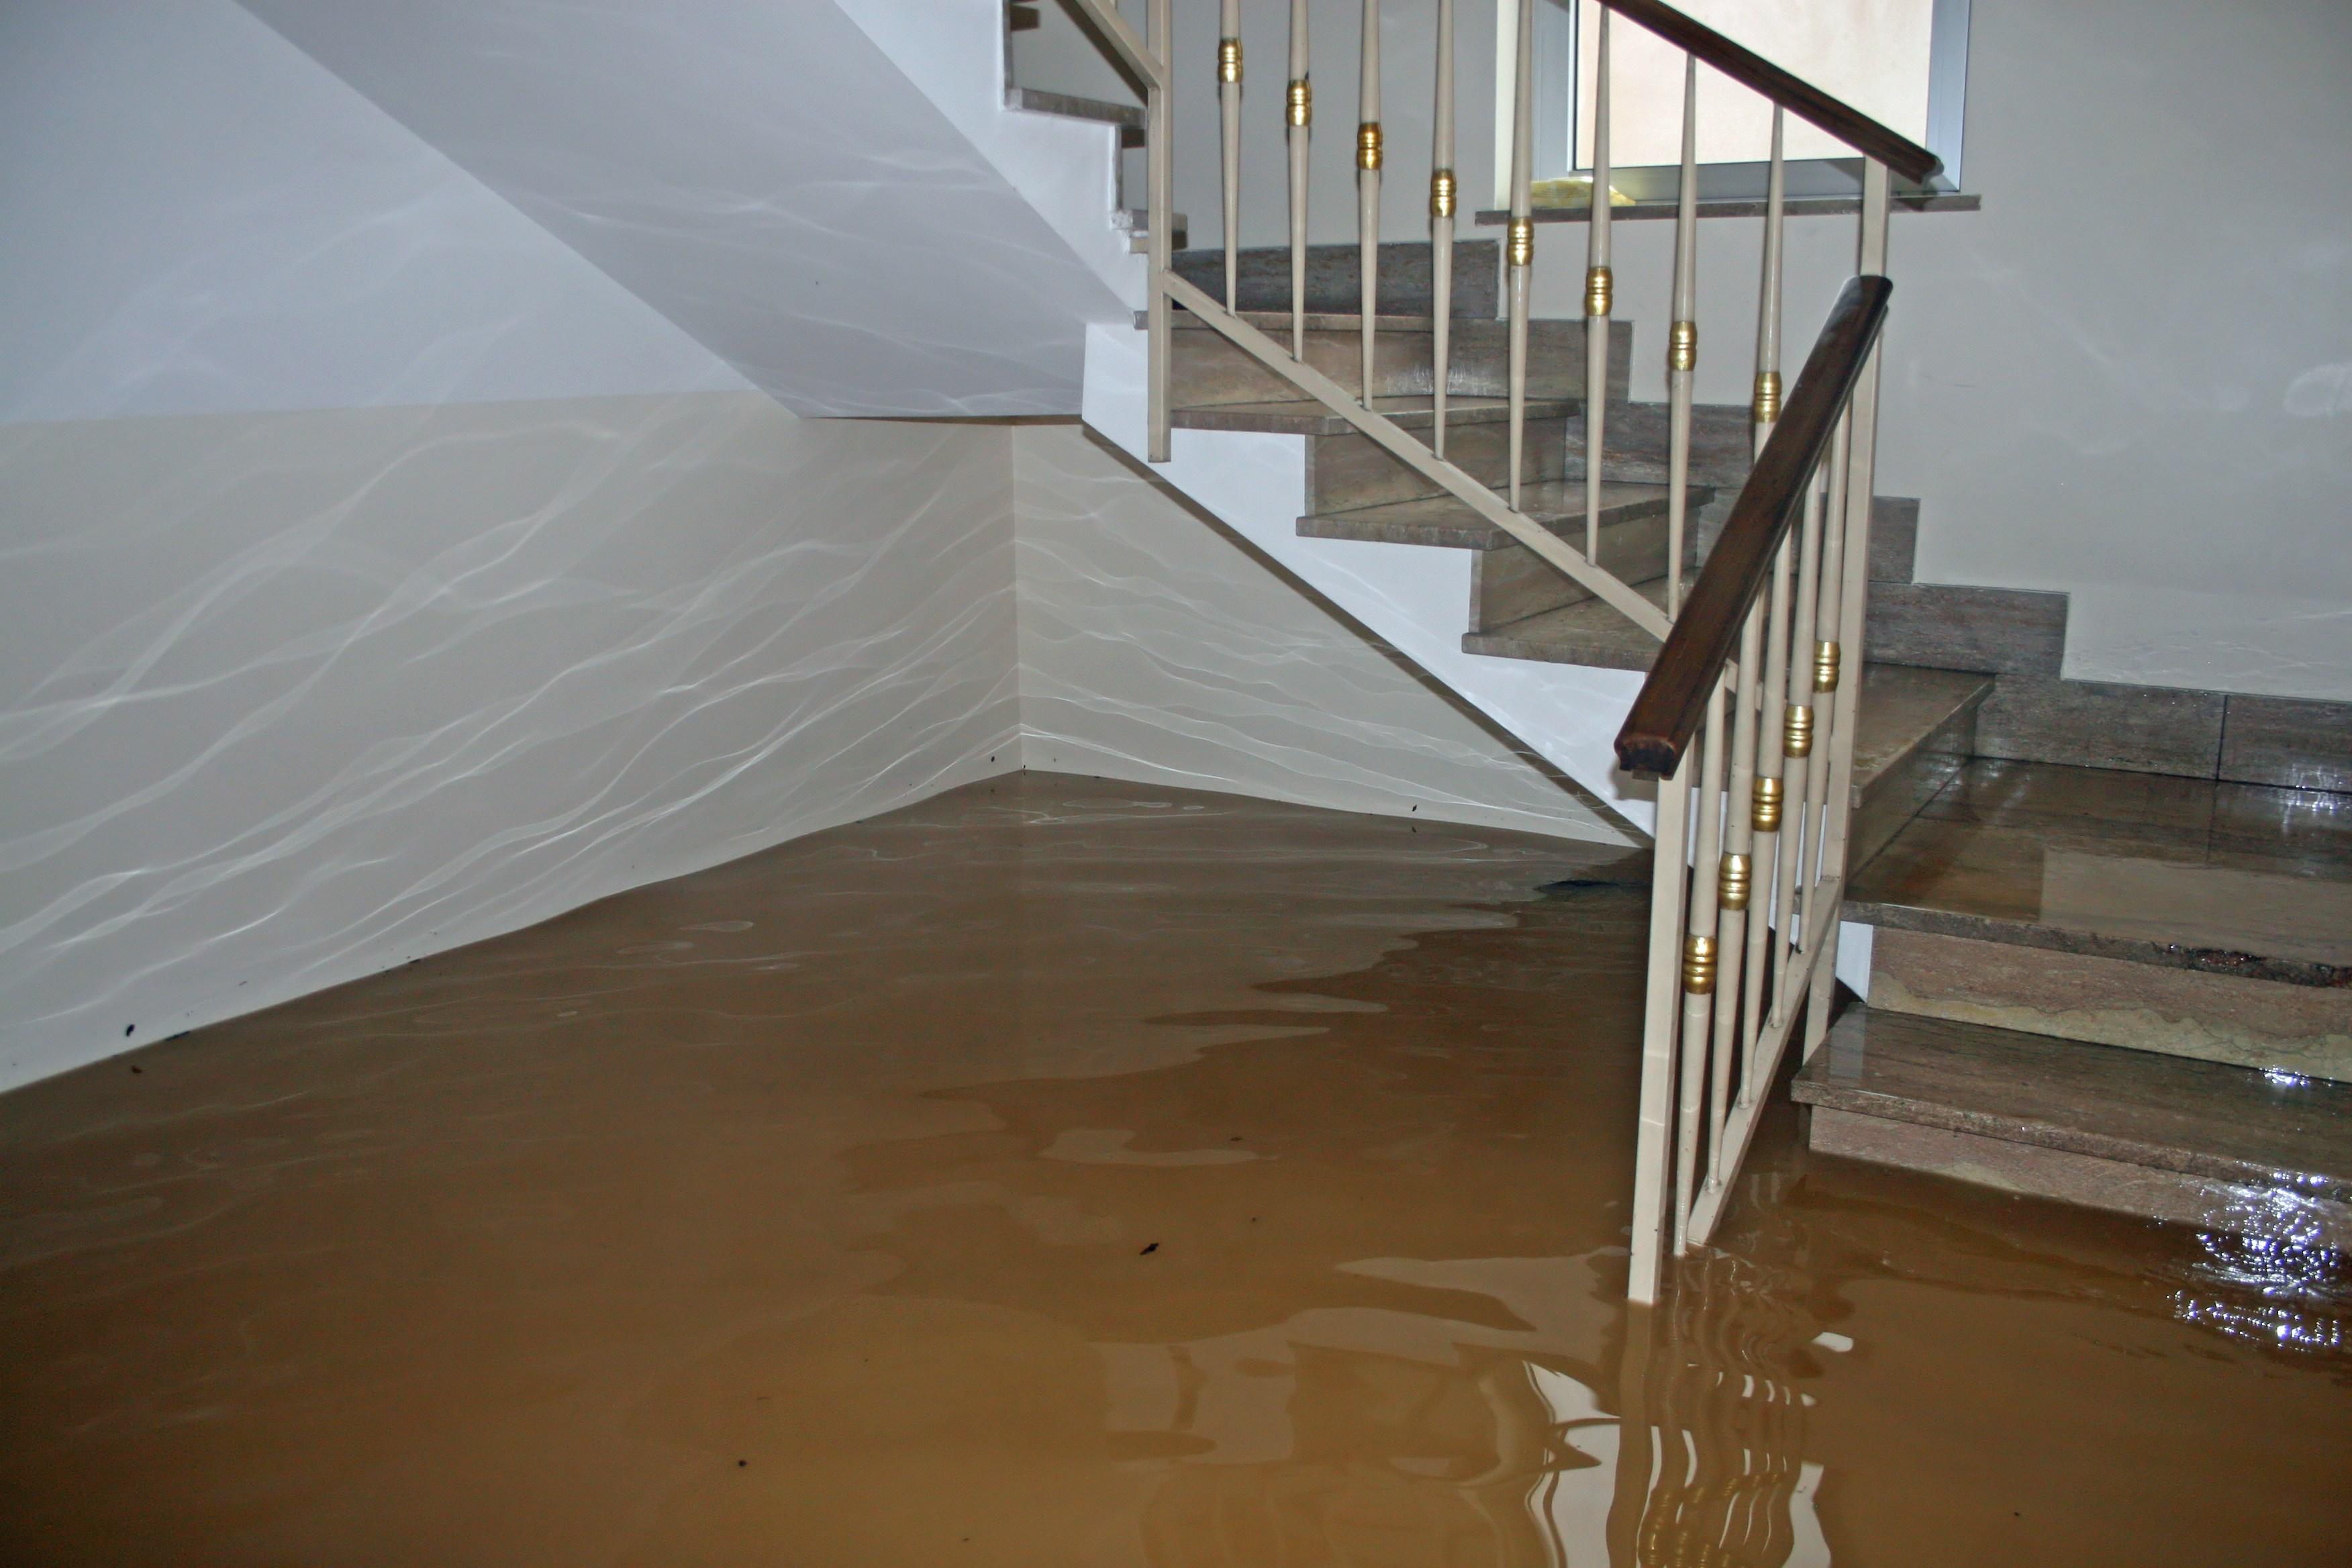 wasserschaden wann bernimmt versicherung die kosten